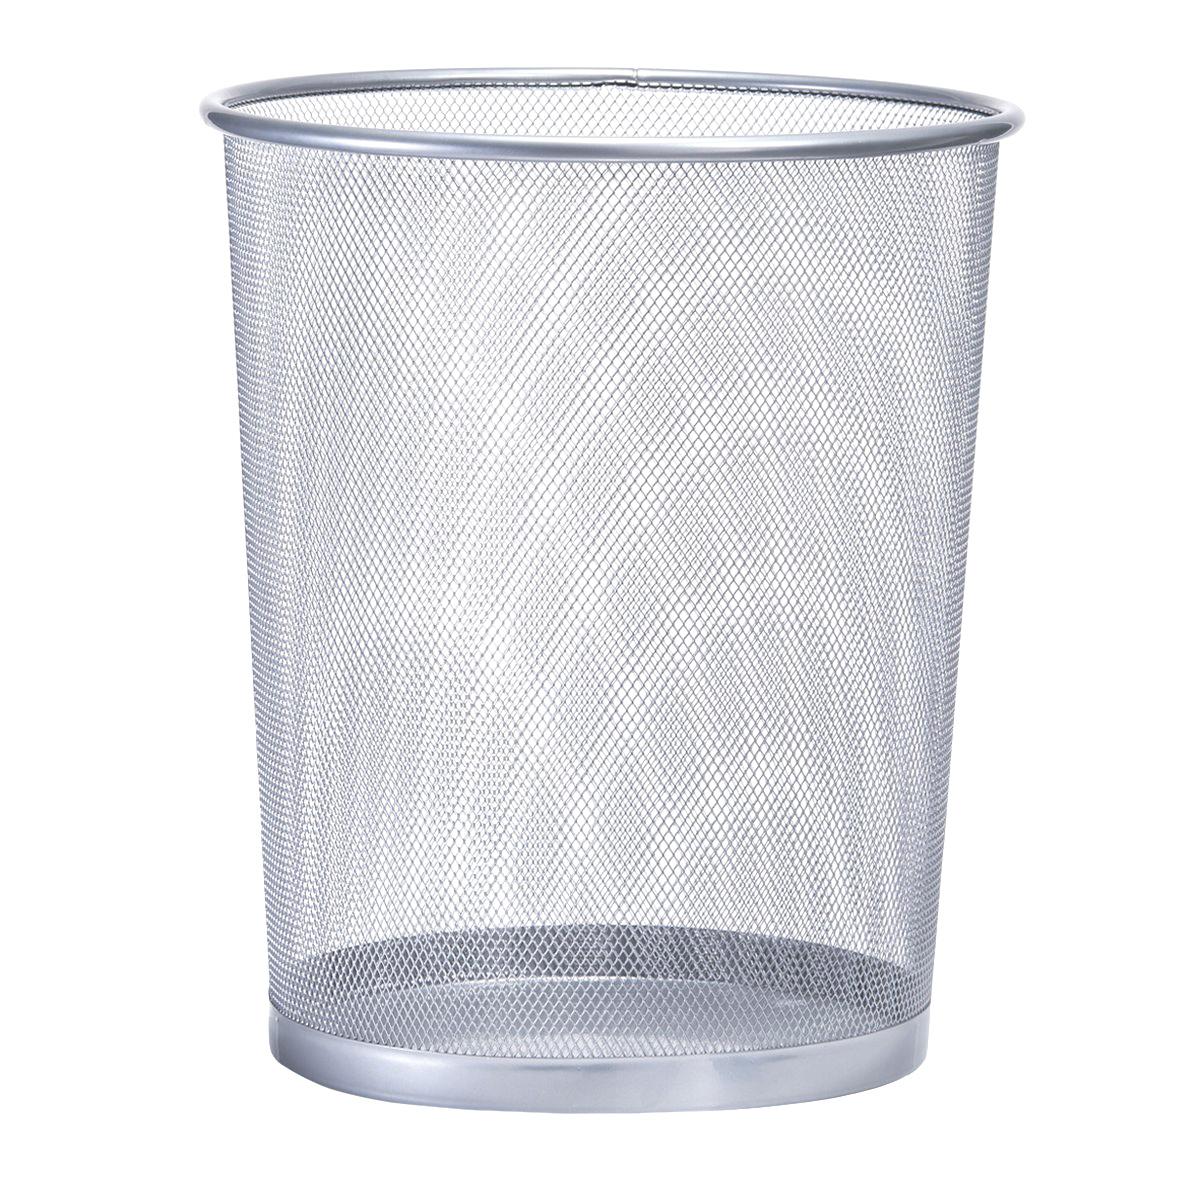 Корзина канцелярская для мусора Zeller18101